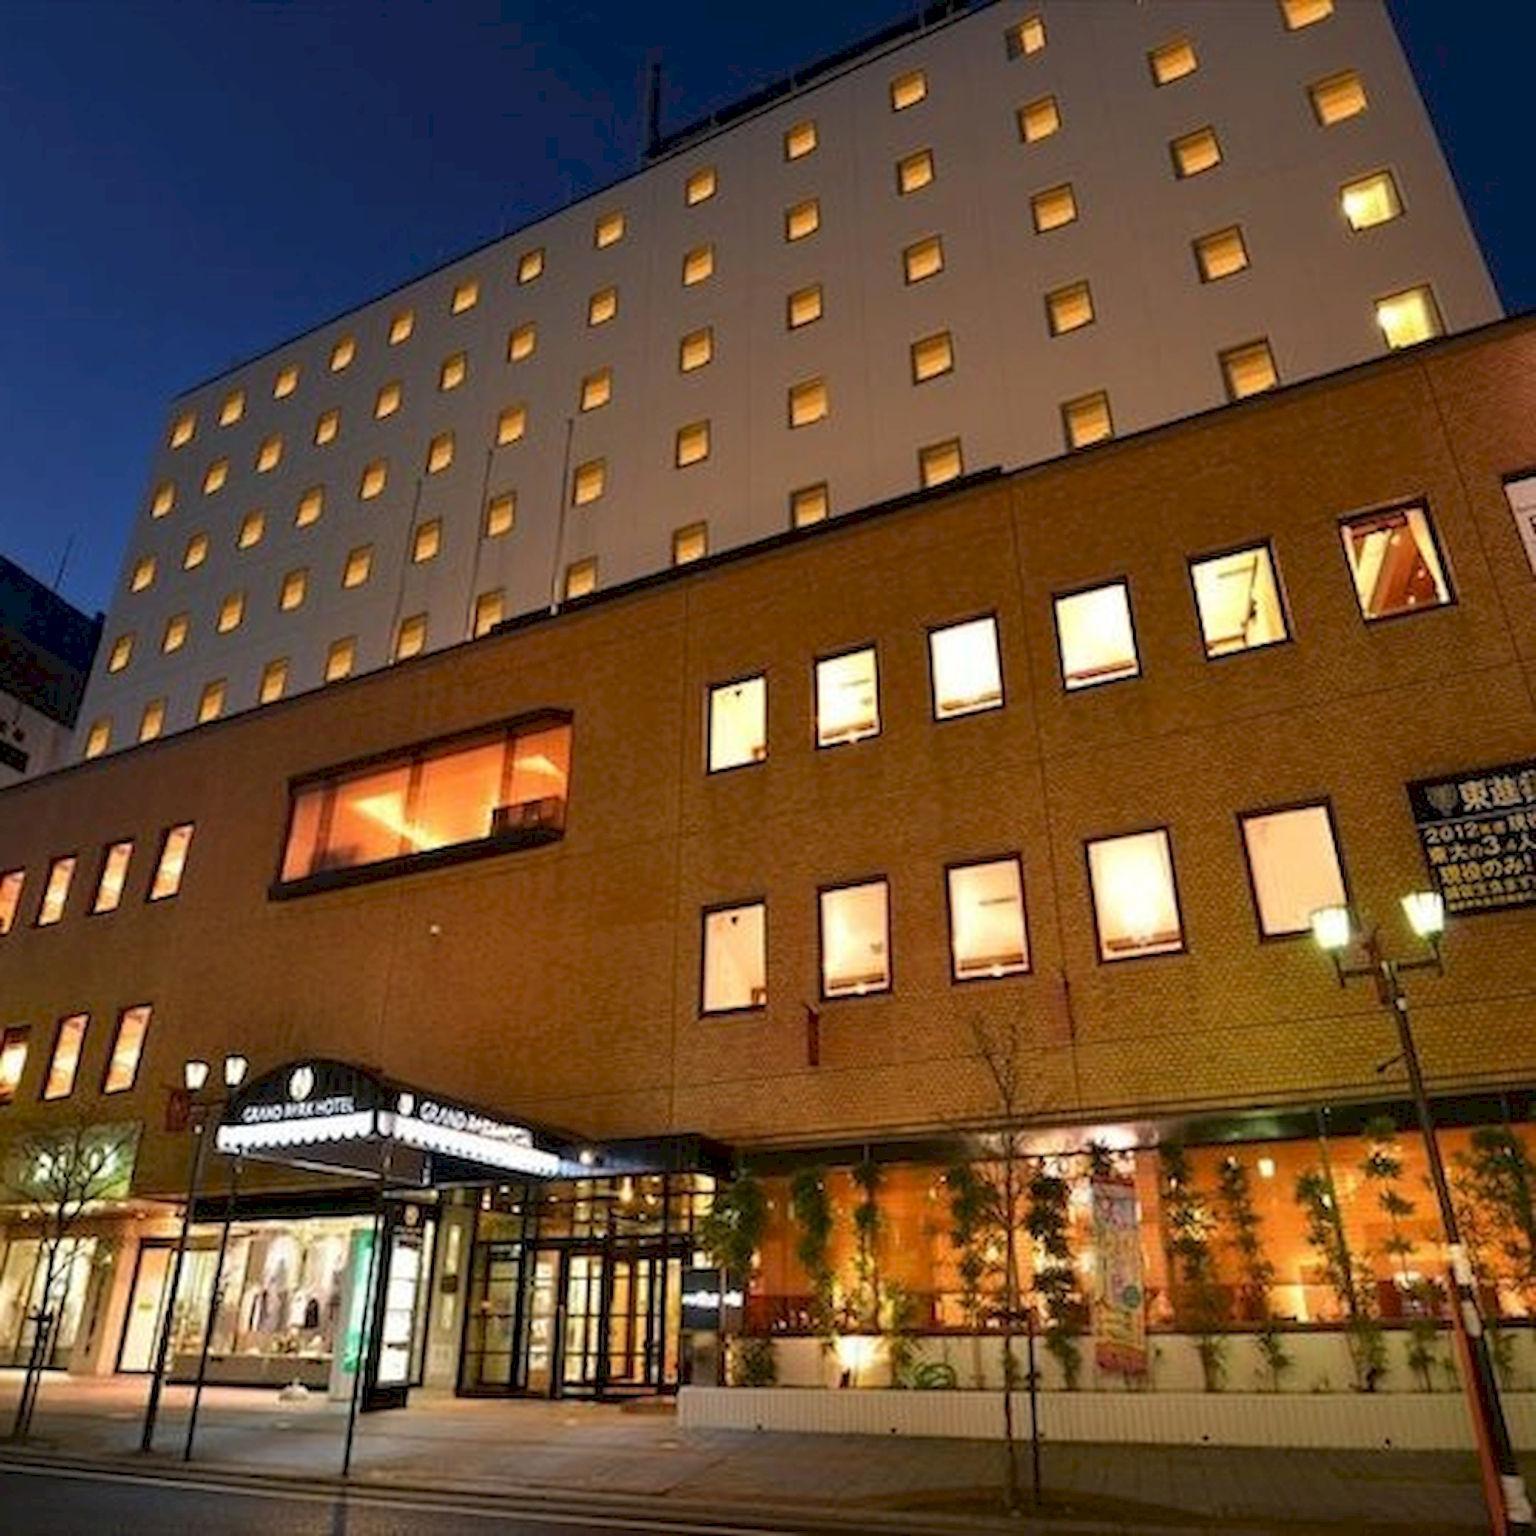 โรงแรมแกรนด์ พาร์ค พาเนกซ์ อิวะกิ